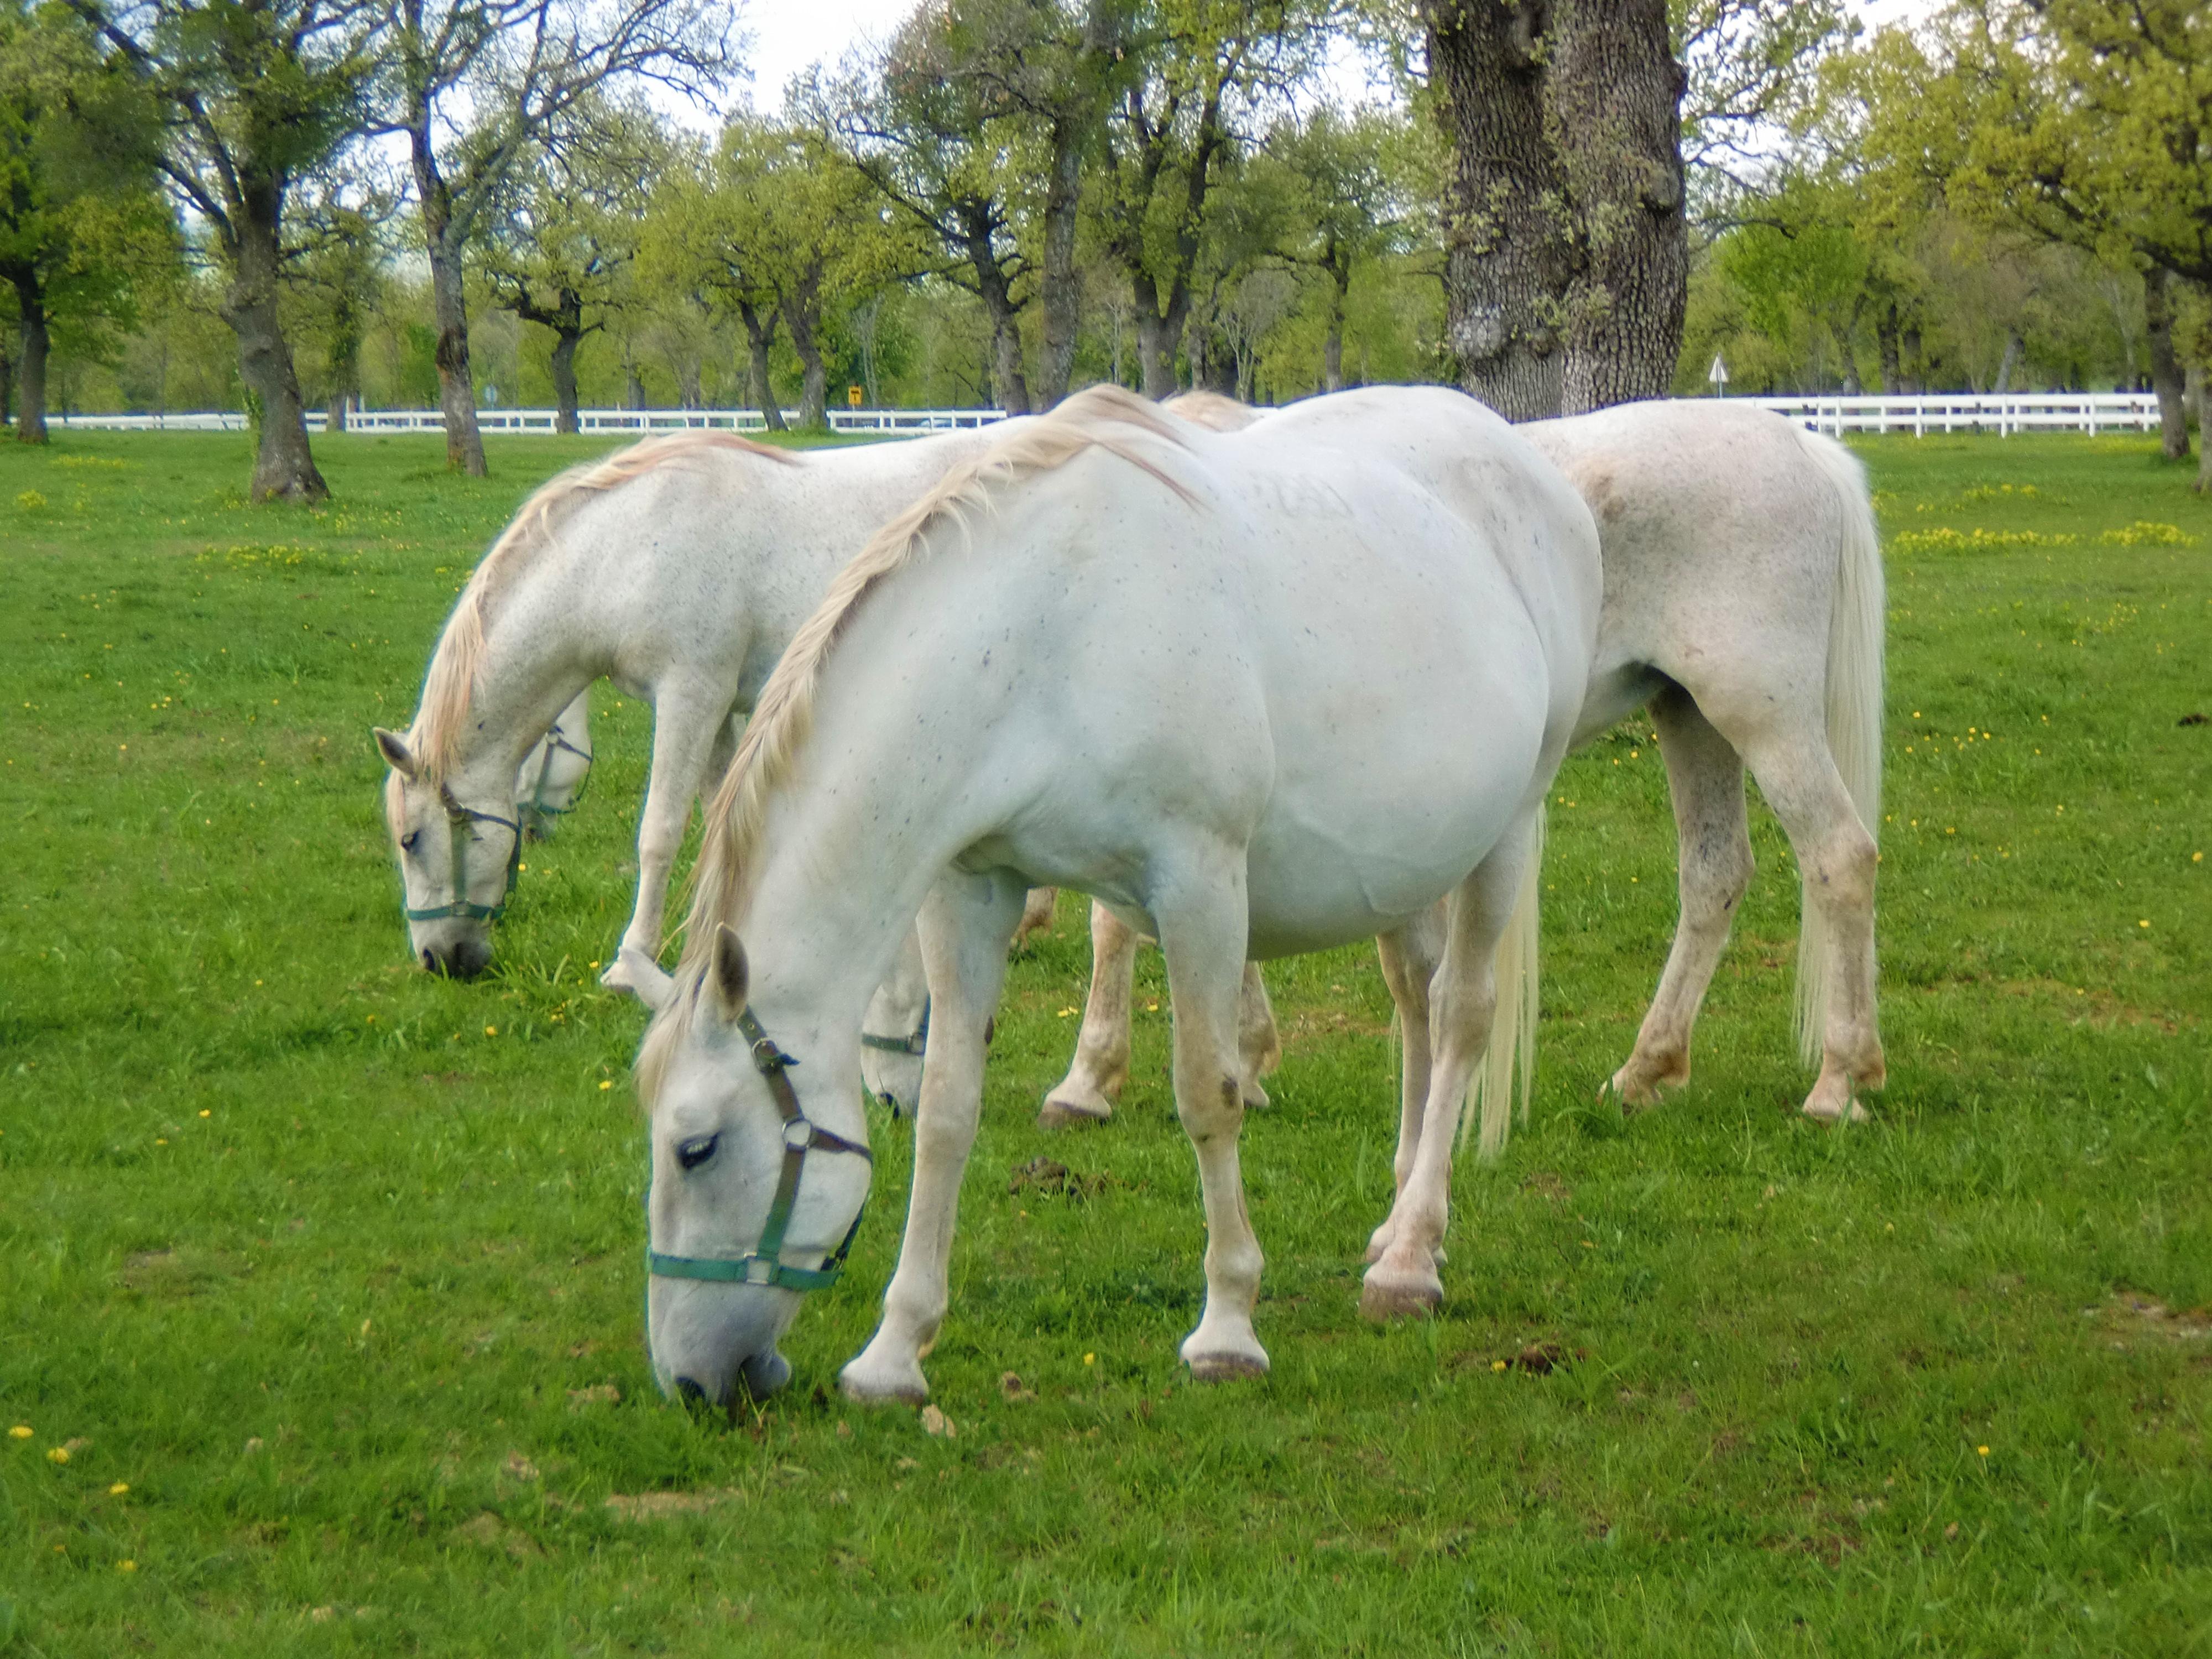 White Horses wallpaper | 1920x1080 | #59226 | 3000x4000